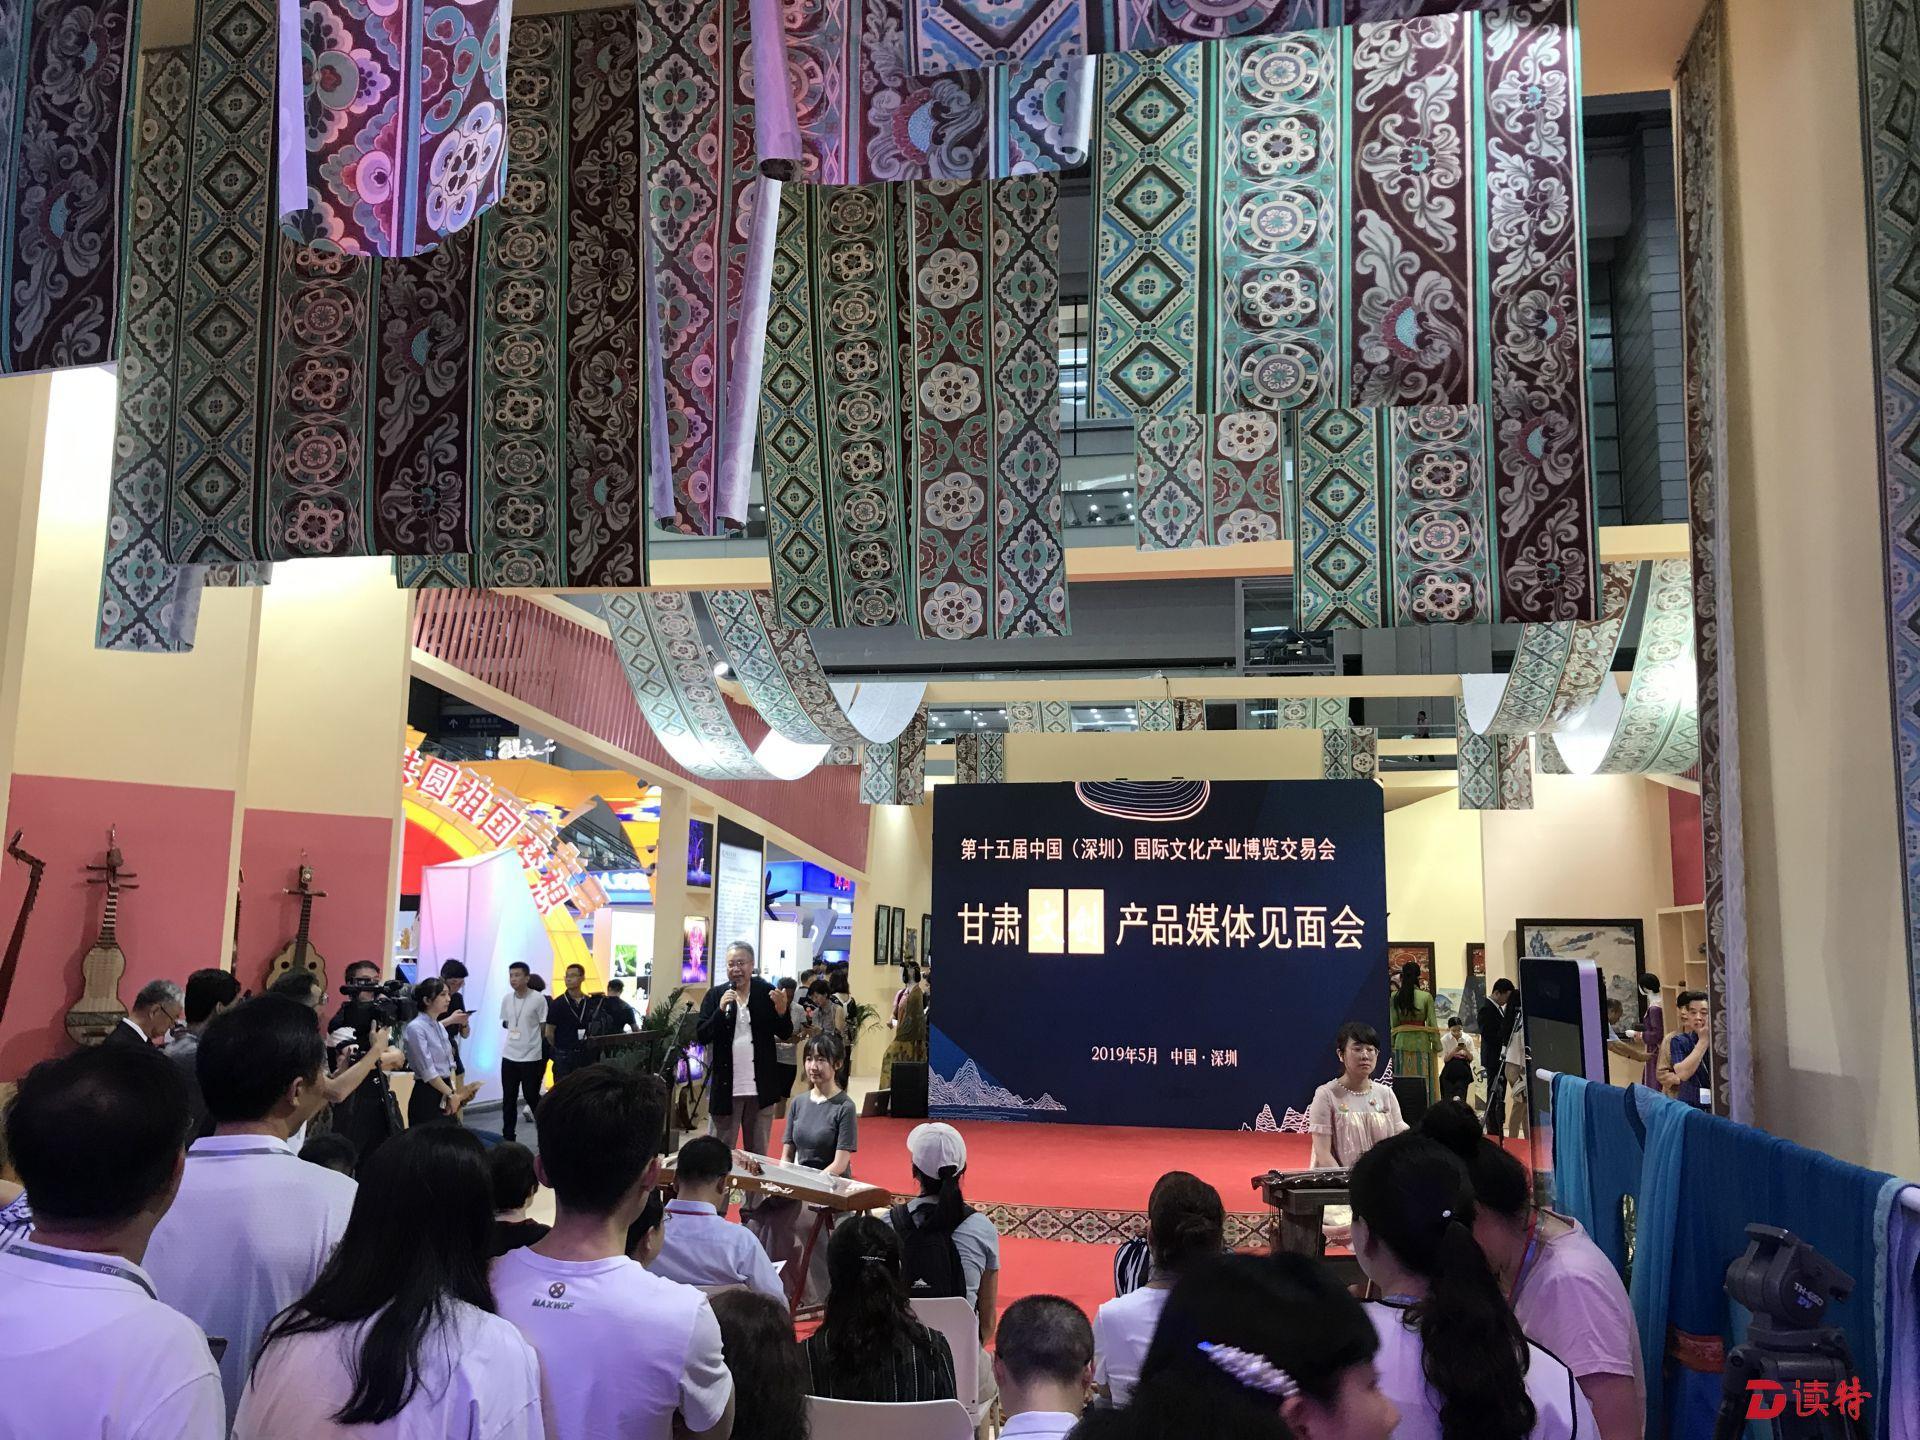 甘肃文创产品亮相深圳文博会 借助敦煌文化的温度打造文化精品